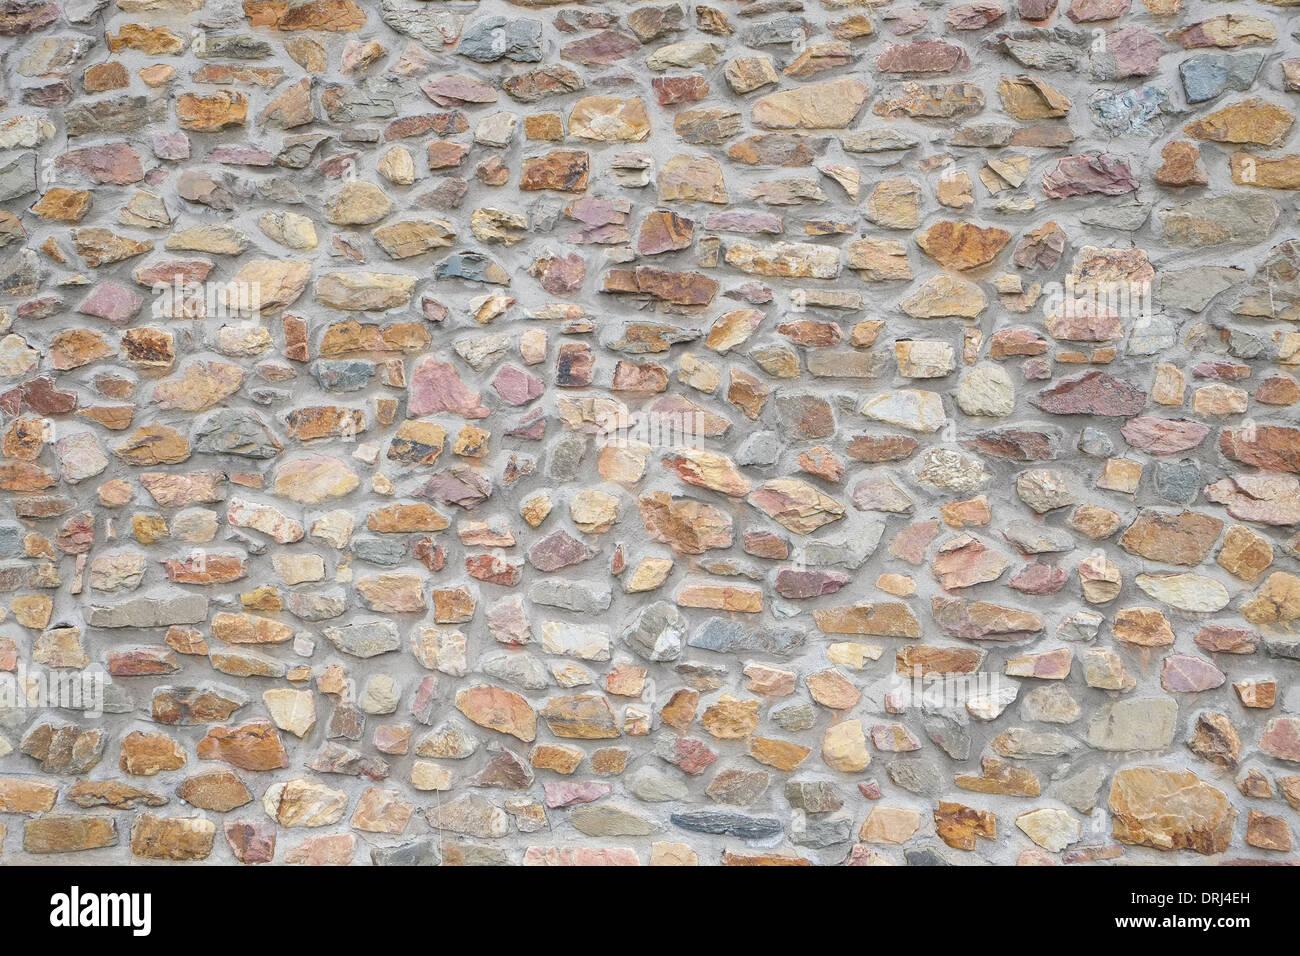 Una nuova costruzione ruvida parete di pietra - sfondi e texture Immagini Stock